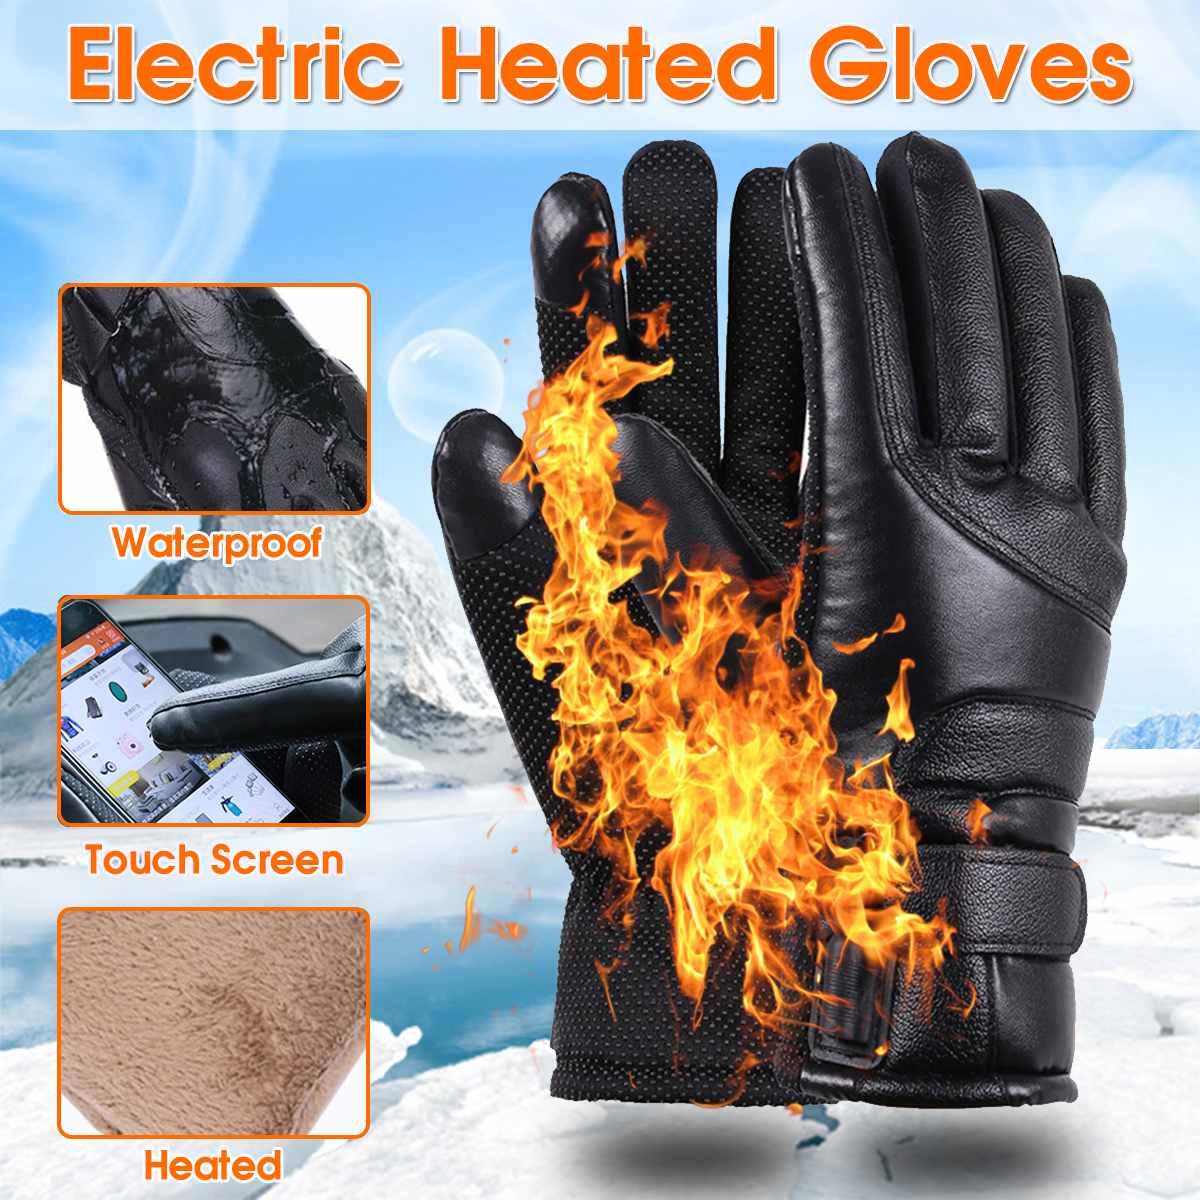 5 в 5,5 Вт электрические нагревательные перчатки с питанием перчатки с подогревом для мужчин и женщин зимние уличные походные охотничьи лыжные перчатки